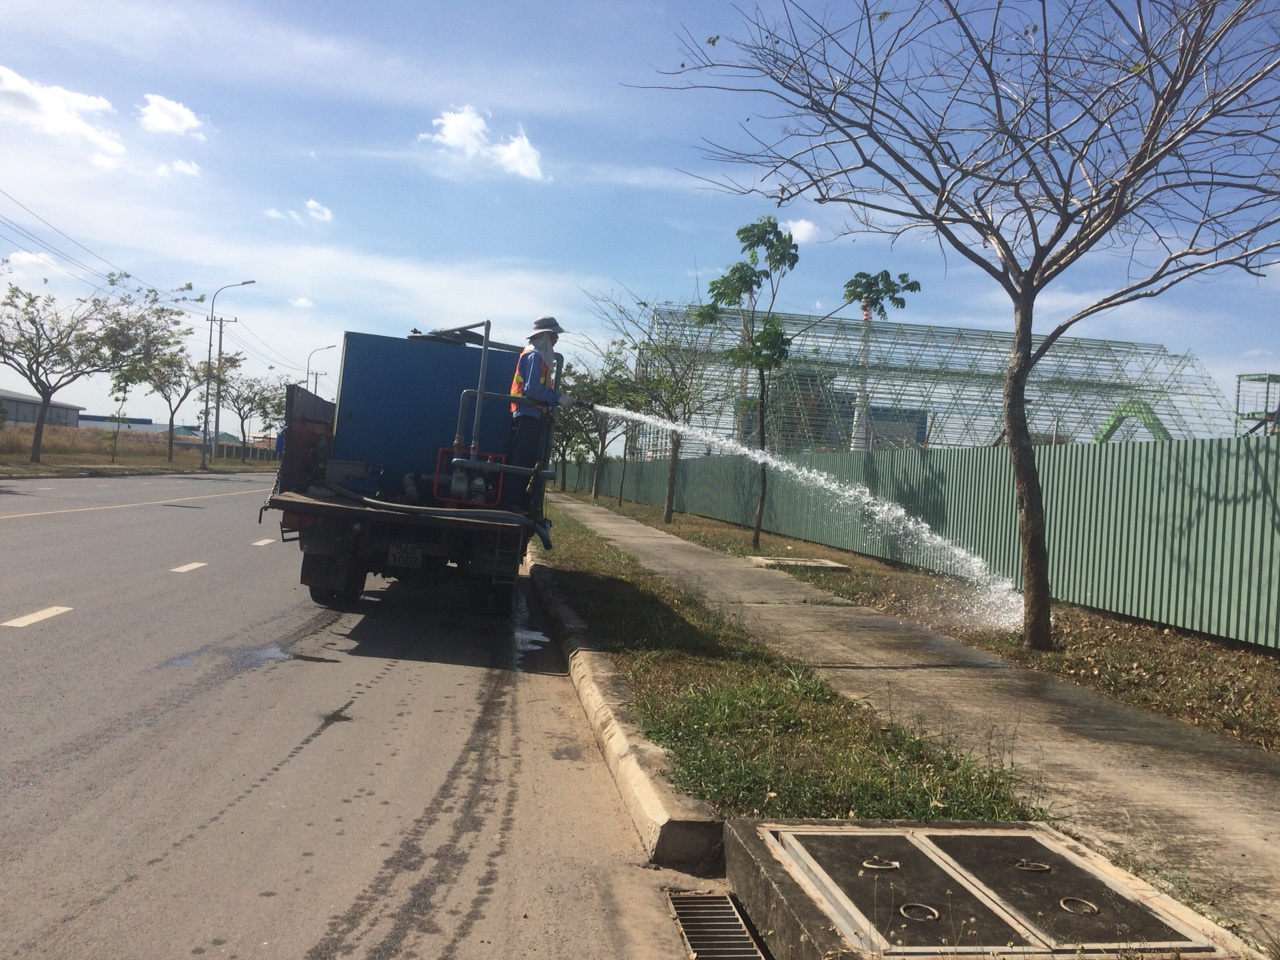 Ngoại Thất Xanh trang bị xe bồn tưới cho dịch vụ chăm sóc cây cảnh của mình tại Tây Ninh